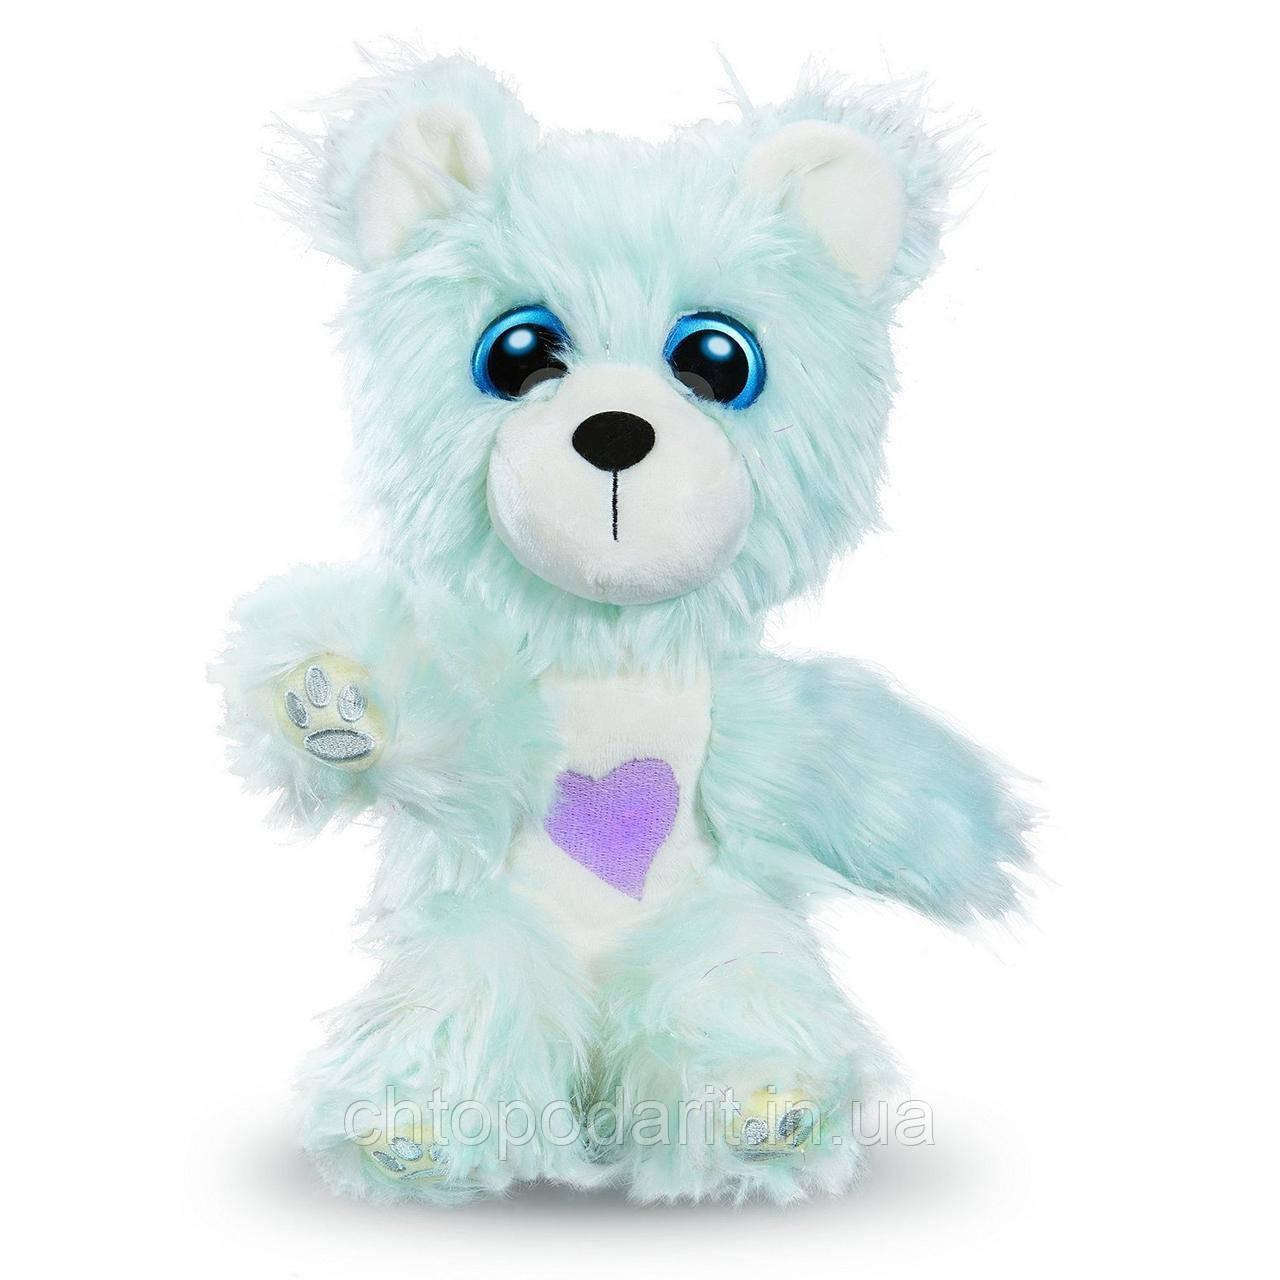 Пушистик потеряшка «Снежные друзья» игрушка сюрприз Scruff A Luvs Snow Pals Код 12-2190